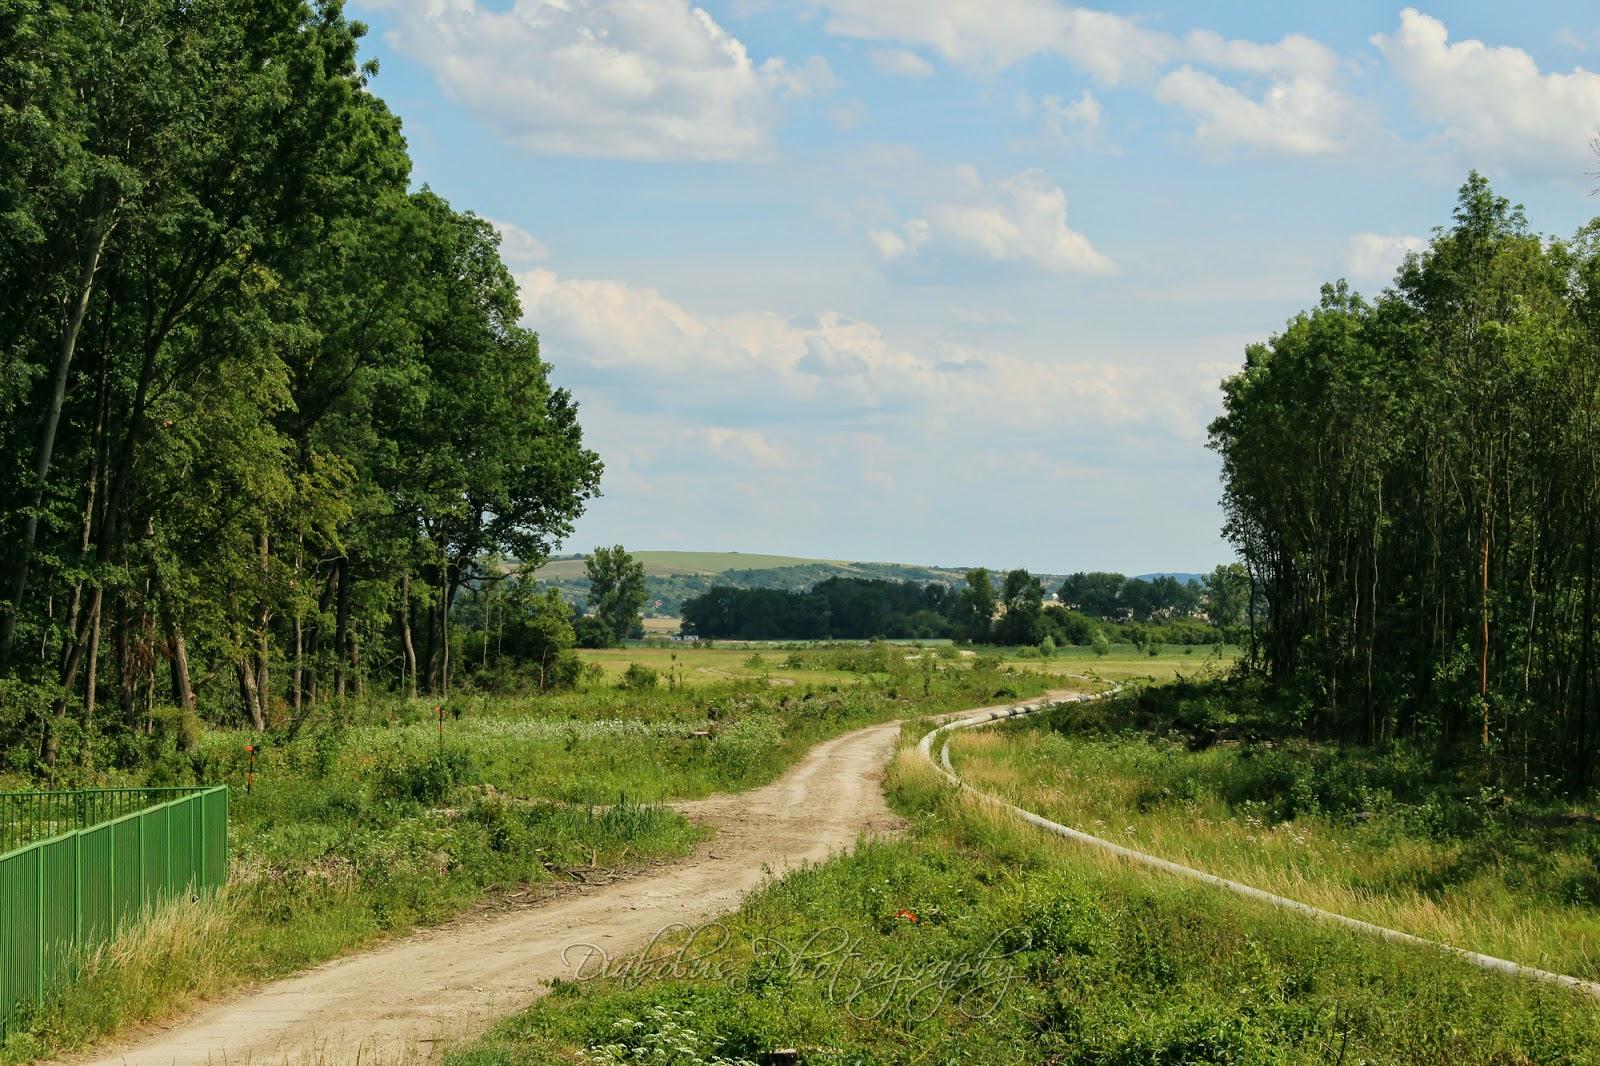 Pohled na Kátov/View on Kátov